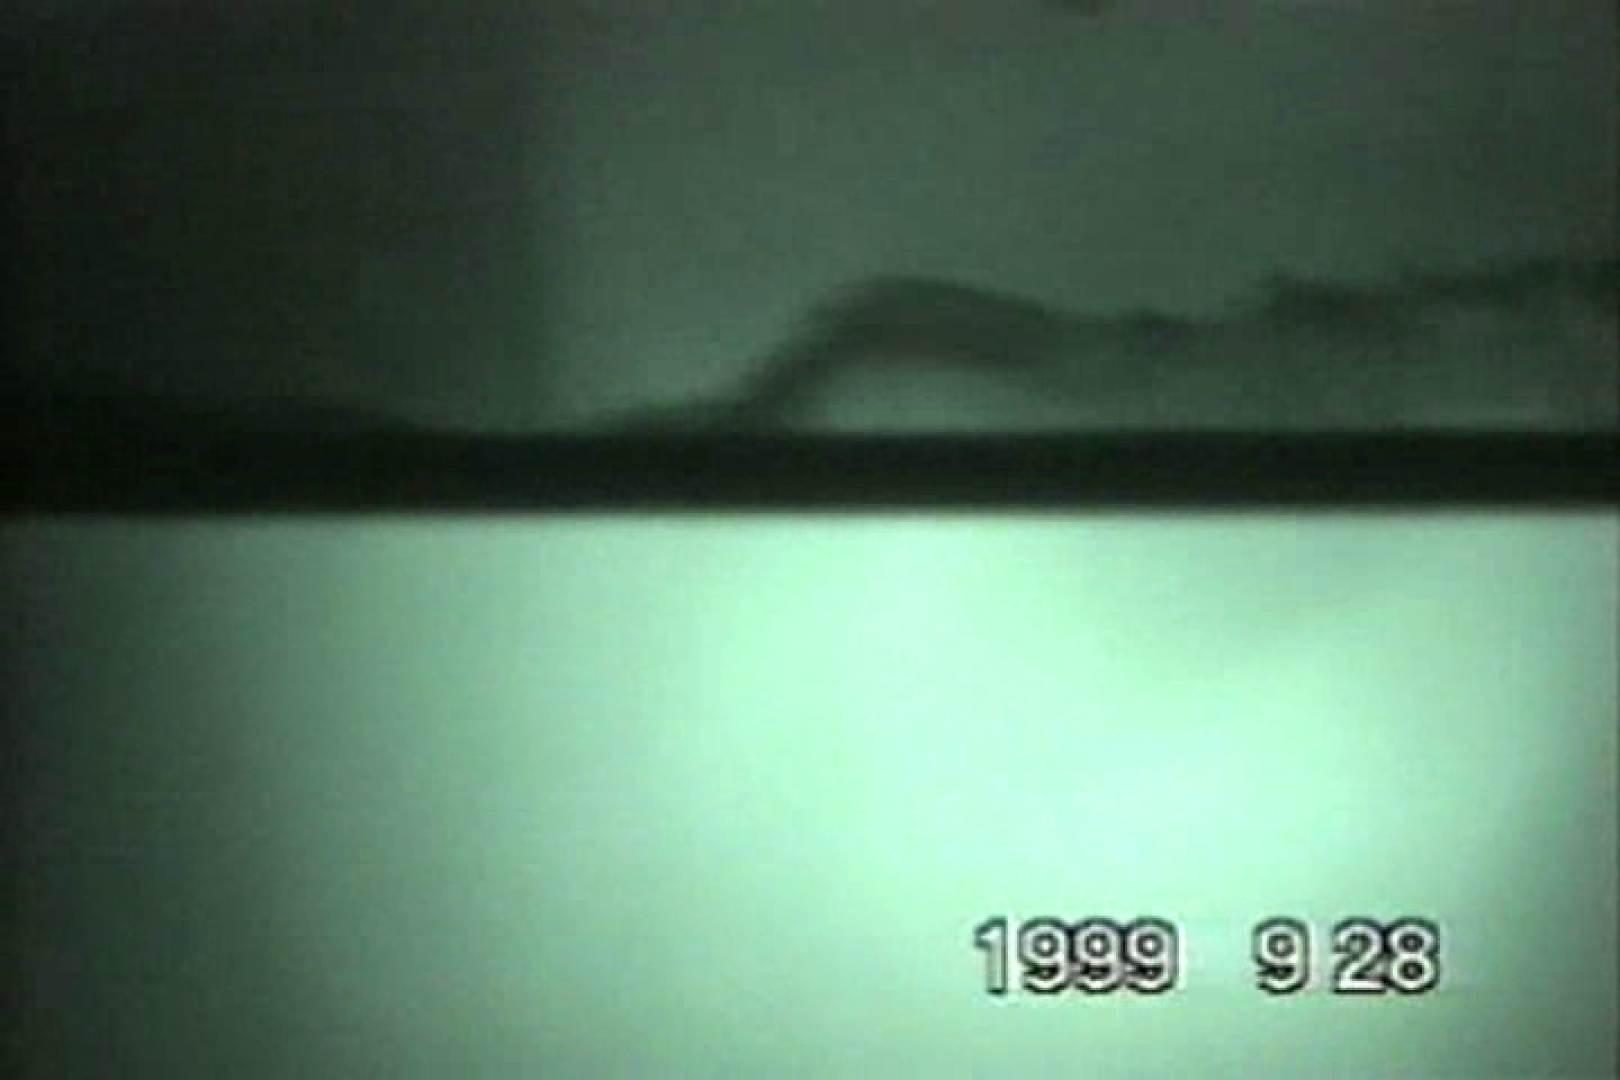 蔵出し!!赤外線カーセックスVol.17 OLの実態 盗み撮りAV無料動画キャプチャ 83pic 80